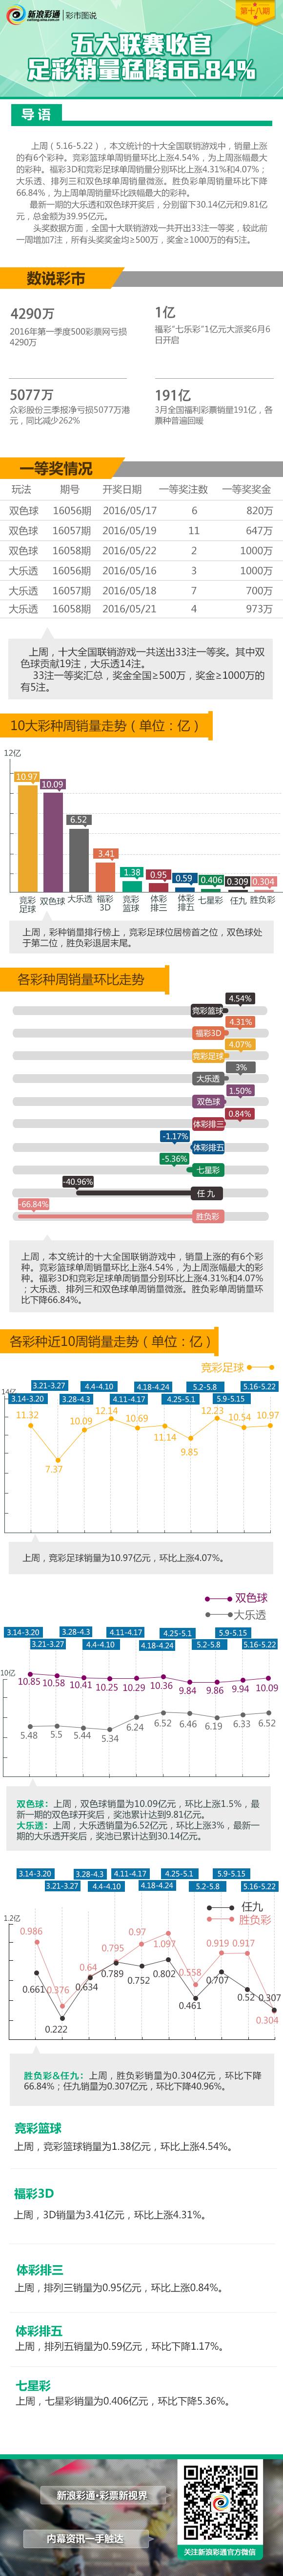 彩市圖說第18期:五大聯賽收官 足彩銷量猛降66.84%